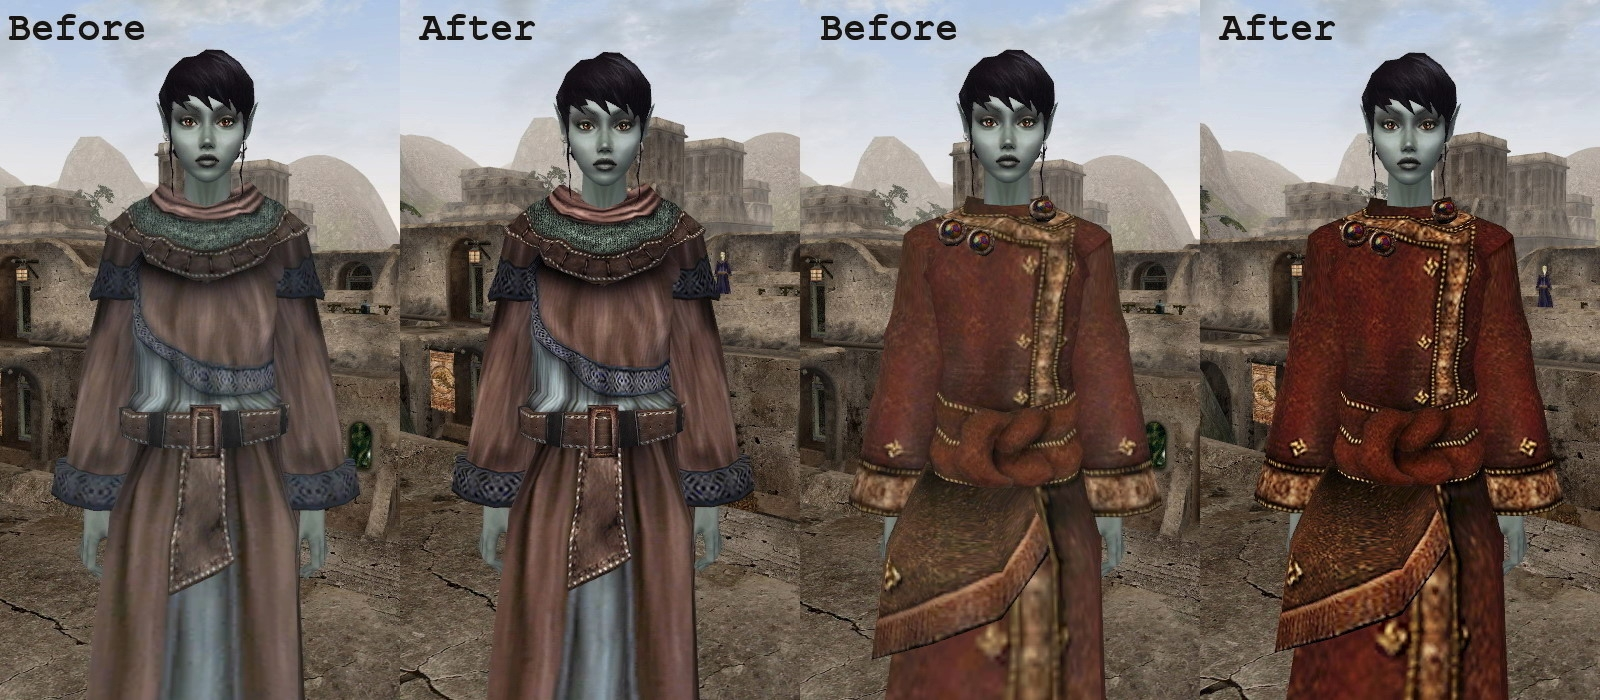 Данный плагин добавляет в игру миловидный костюм ведьмочки, представленный в четырех различных версиях